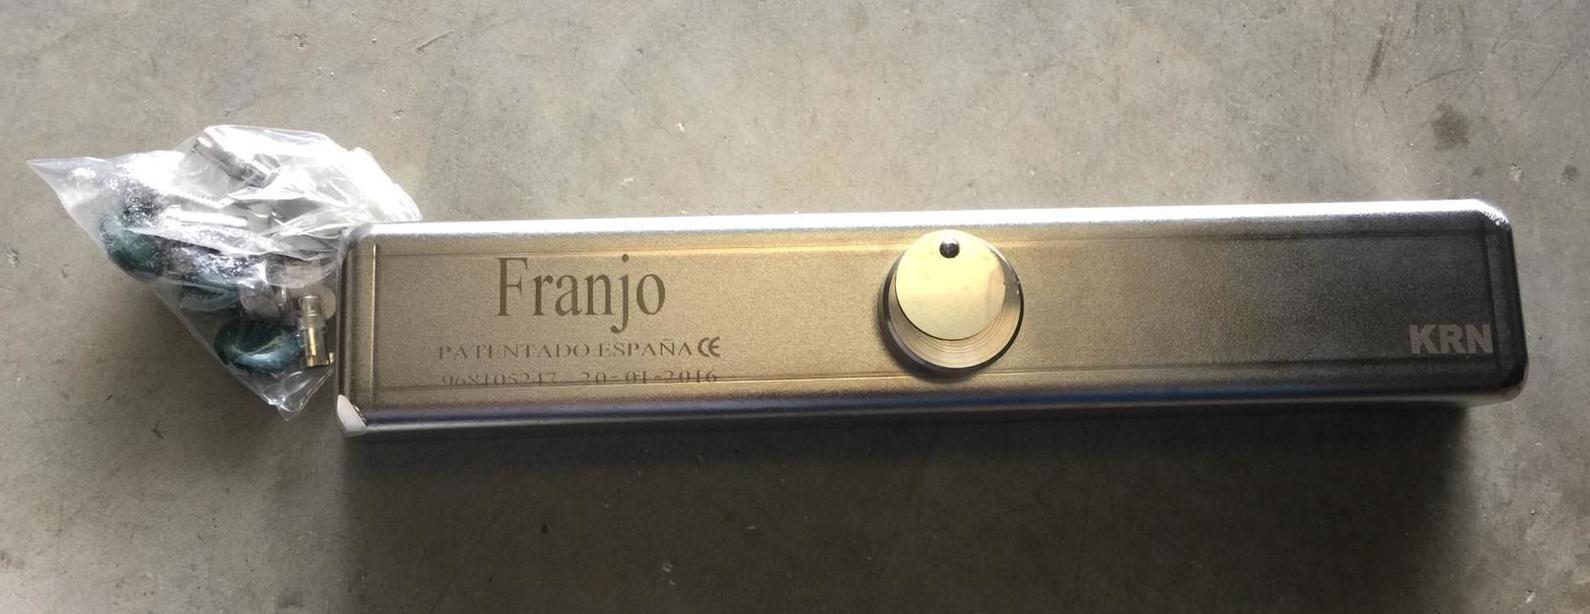 CIERRE DE SEGURIDAD KRONE: Productos de Accesorios Franjo